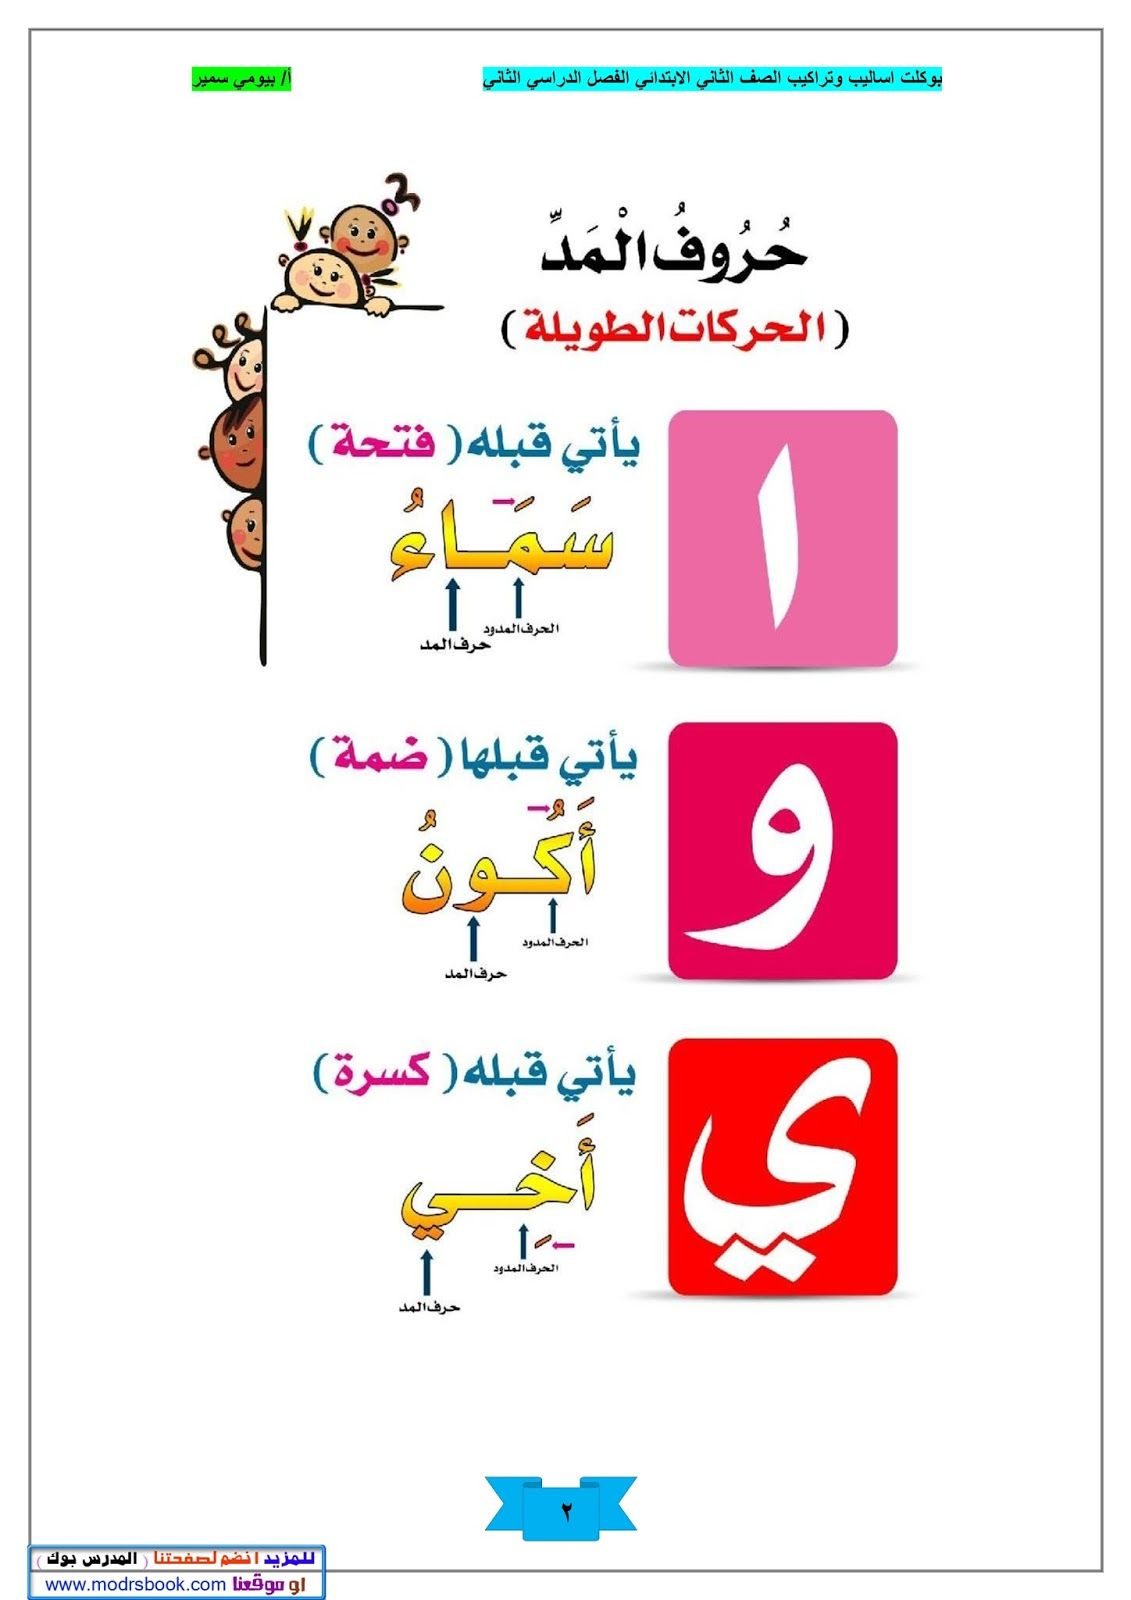 نتيجة بحث الصور عن ورقة عمل لحروف المد للصف الاول Arabic Alphabet For Kids Learn Arabic Alphabet Arabic Language